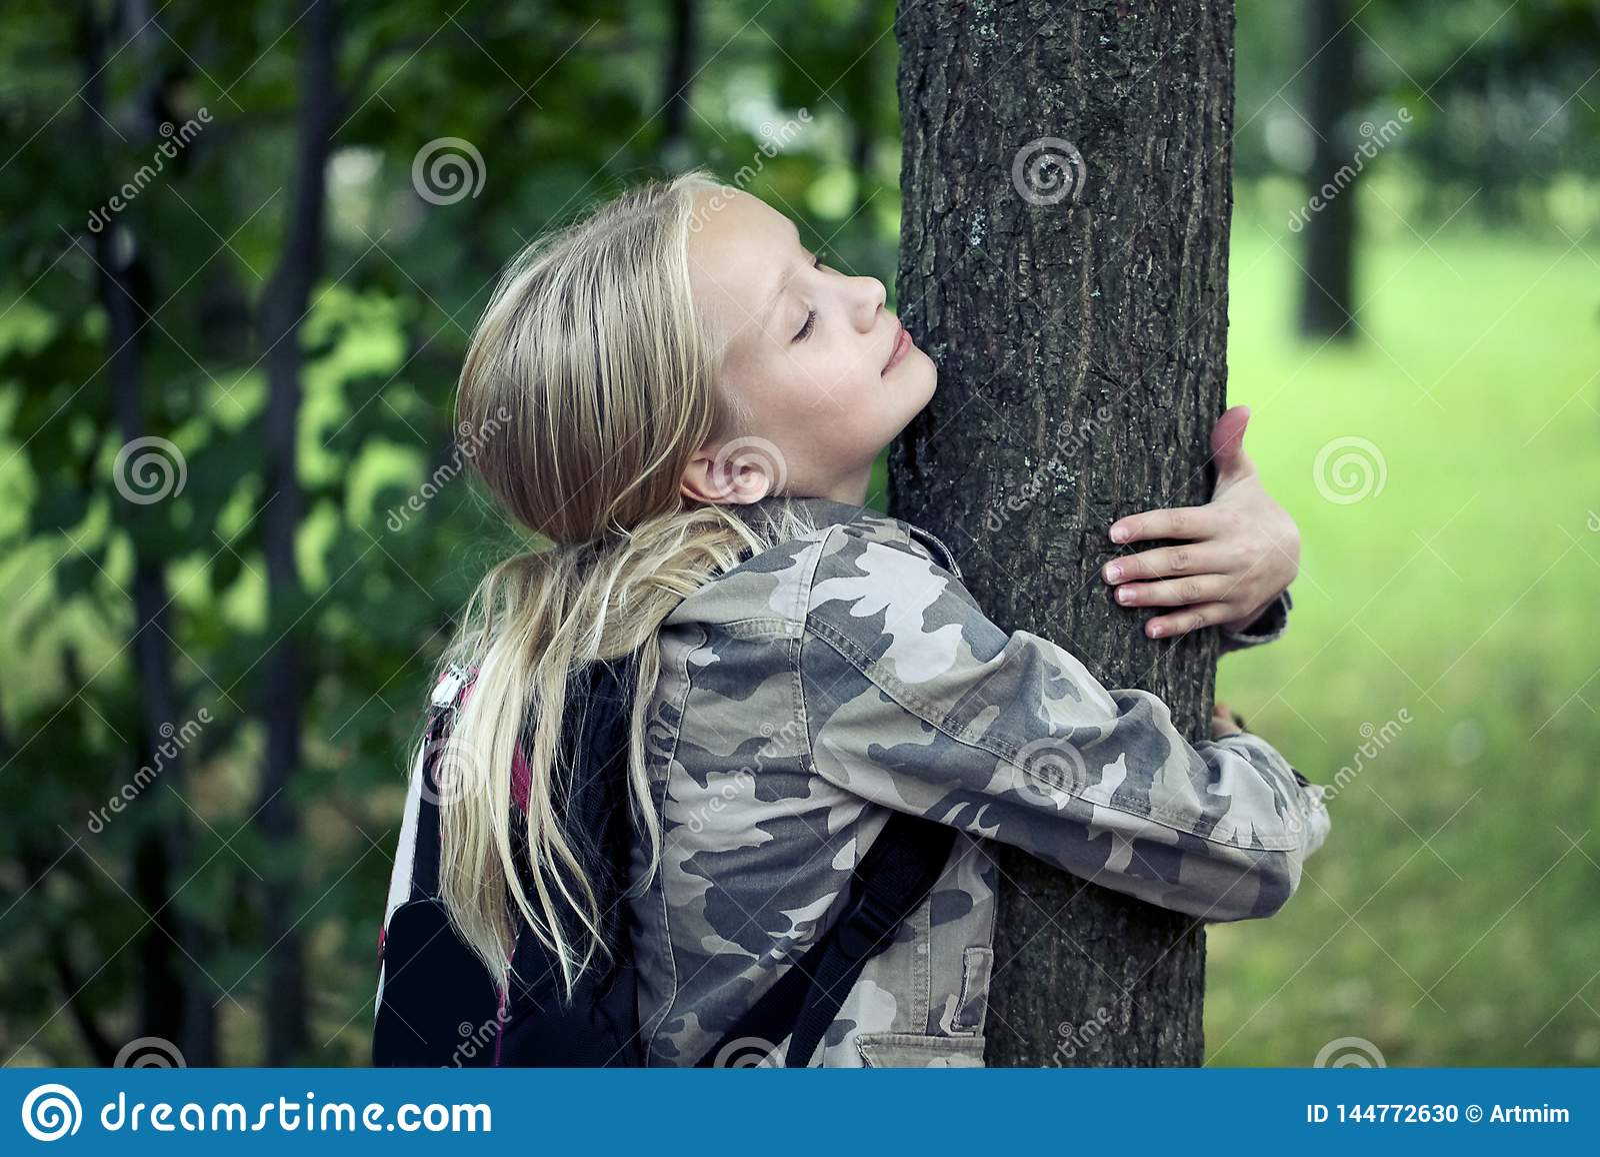 Дерево обнимать Childn Природа охраны окружающей среды на открытом воздухе Консервация outdoors